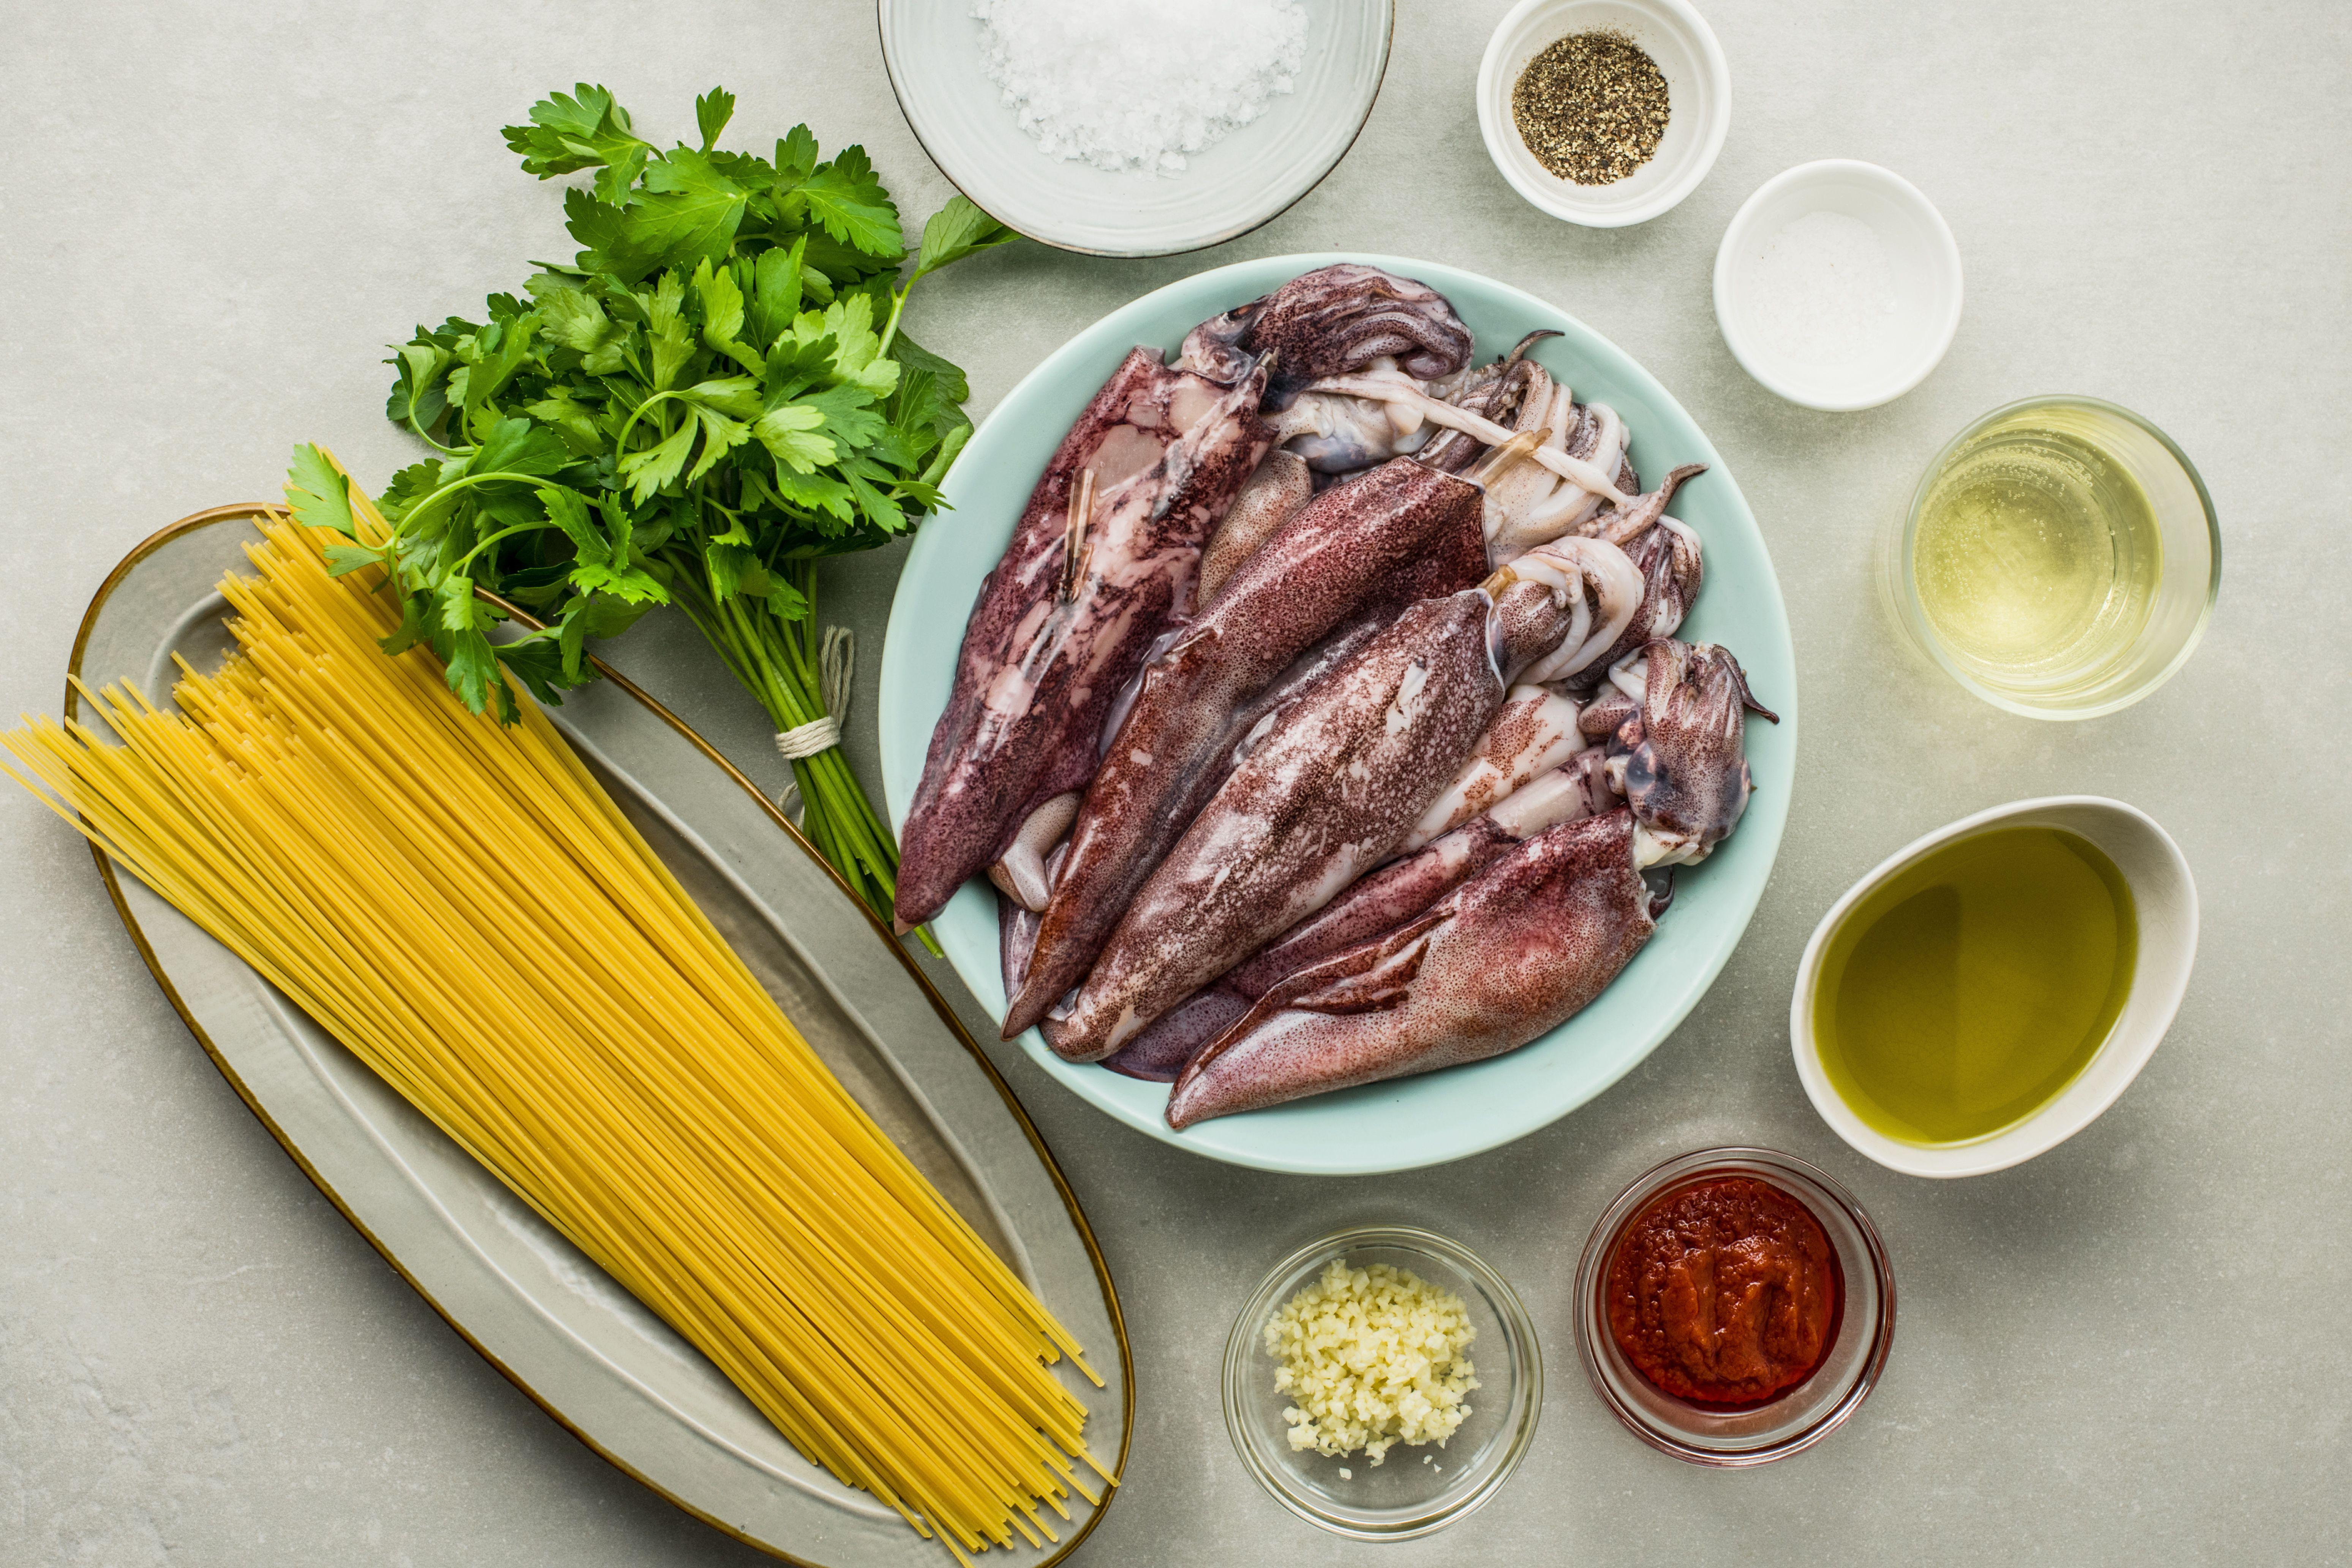 Ingredients for spaghetti al nero di seppia